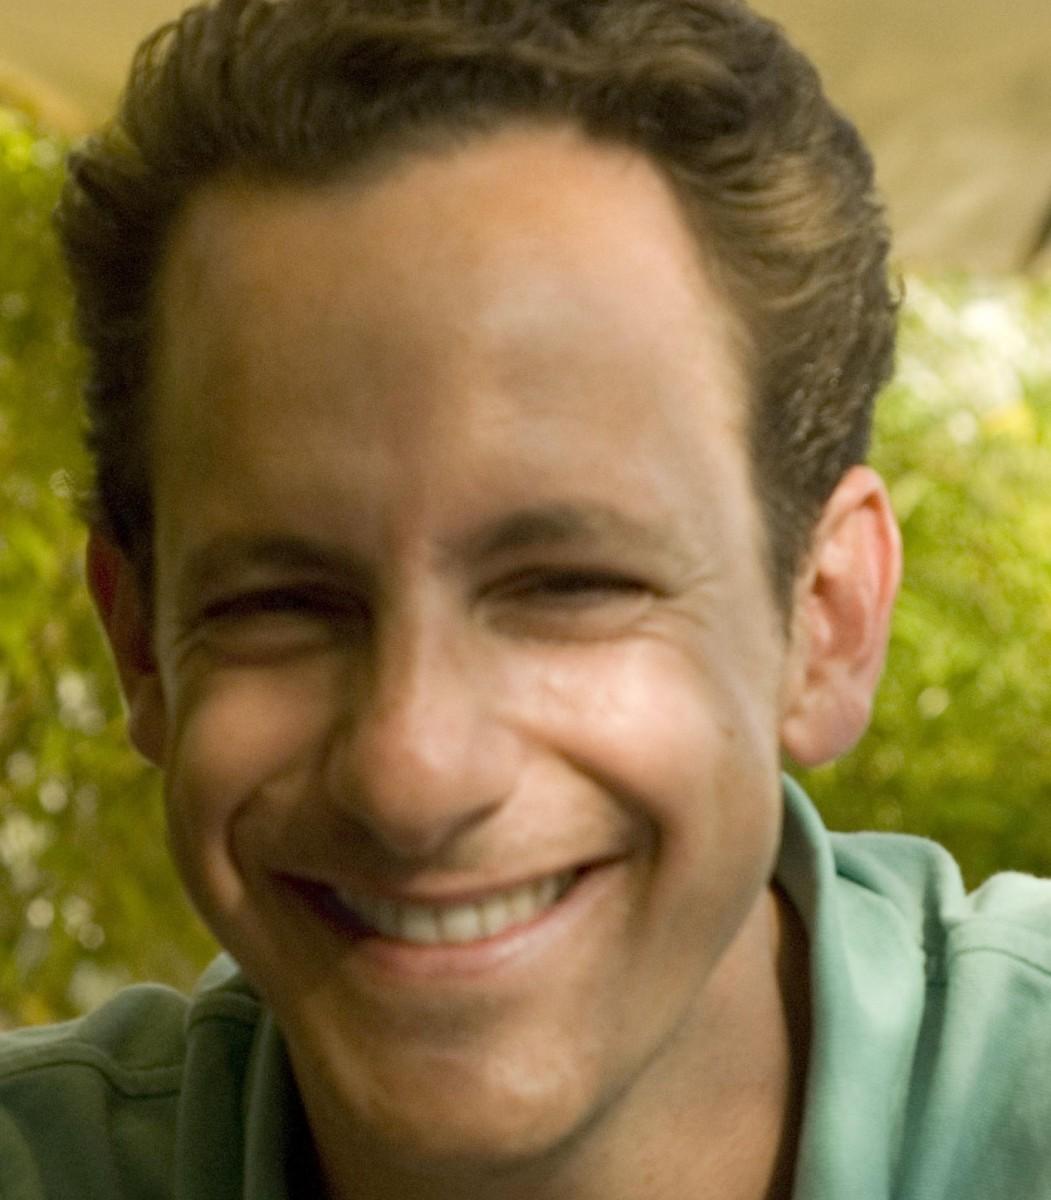 Damien Chouanard